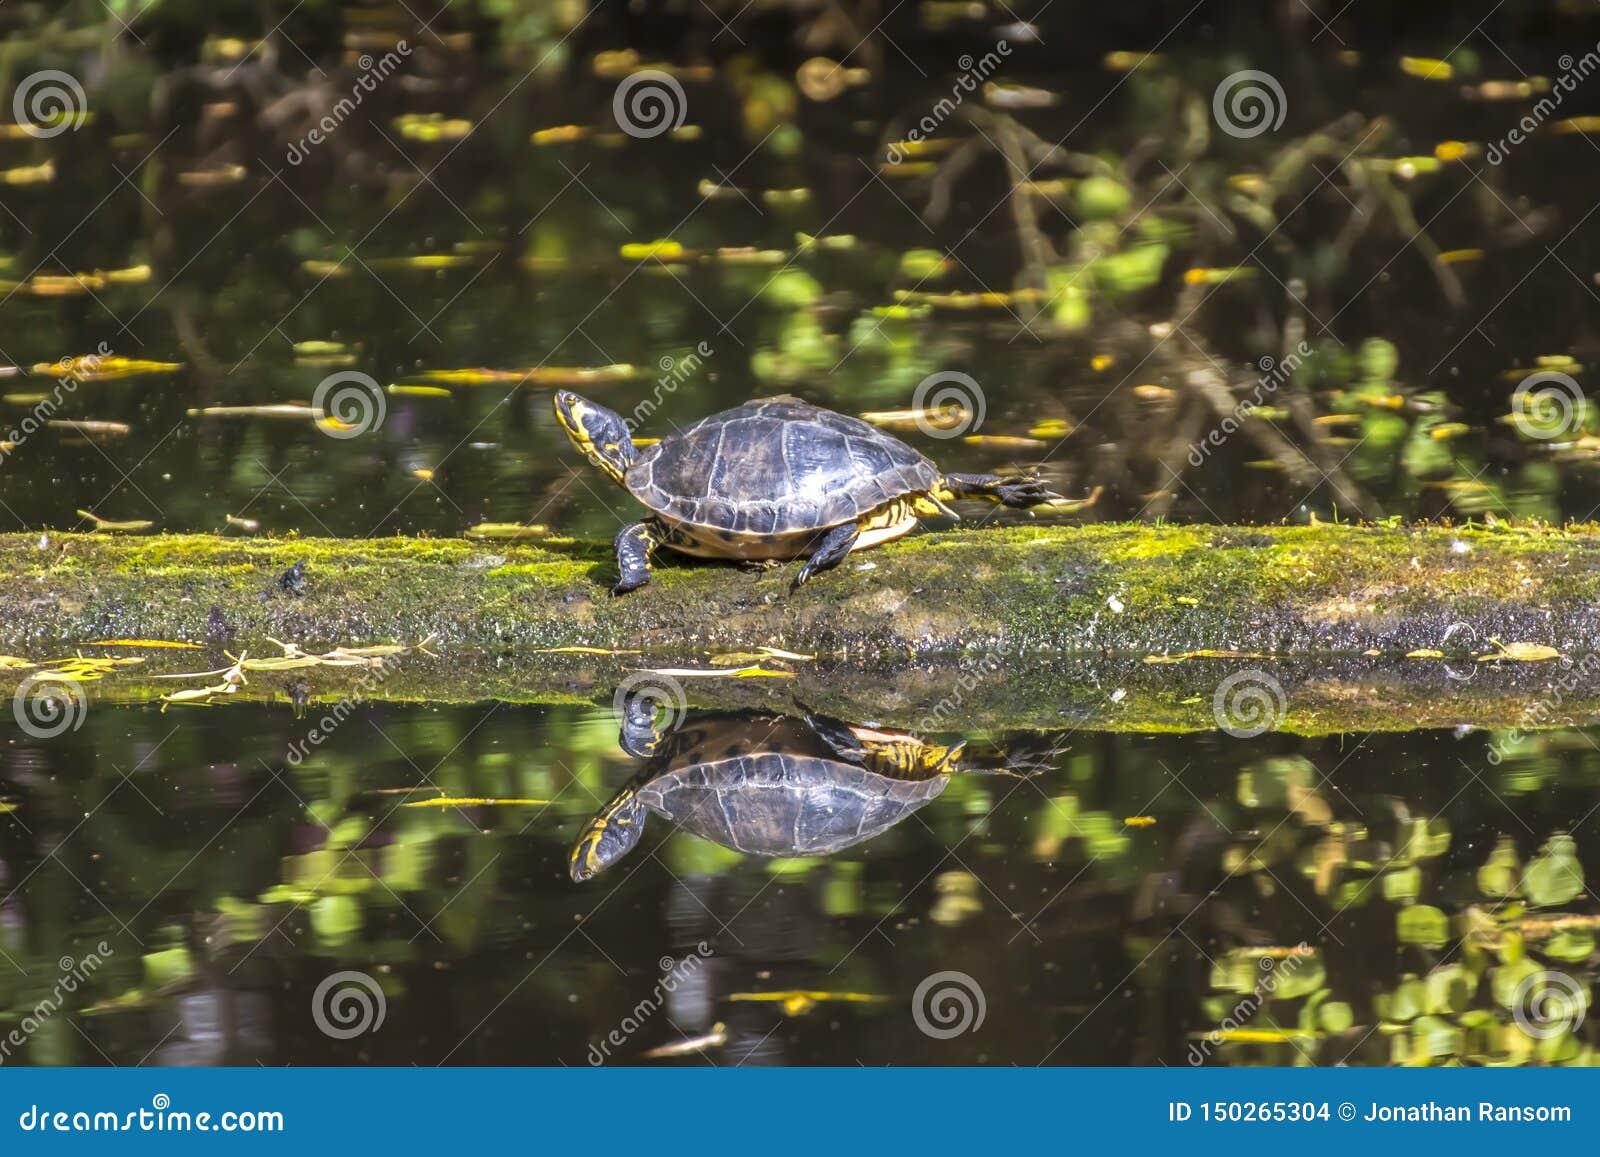 Gelbe aufgeblähte Schildkröte, die auf einen Klotz schwimmt in Wasser geht